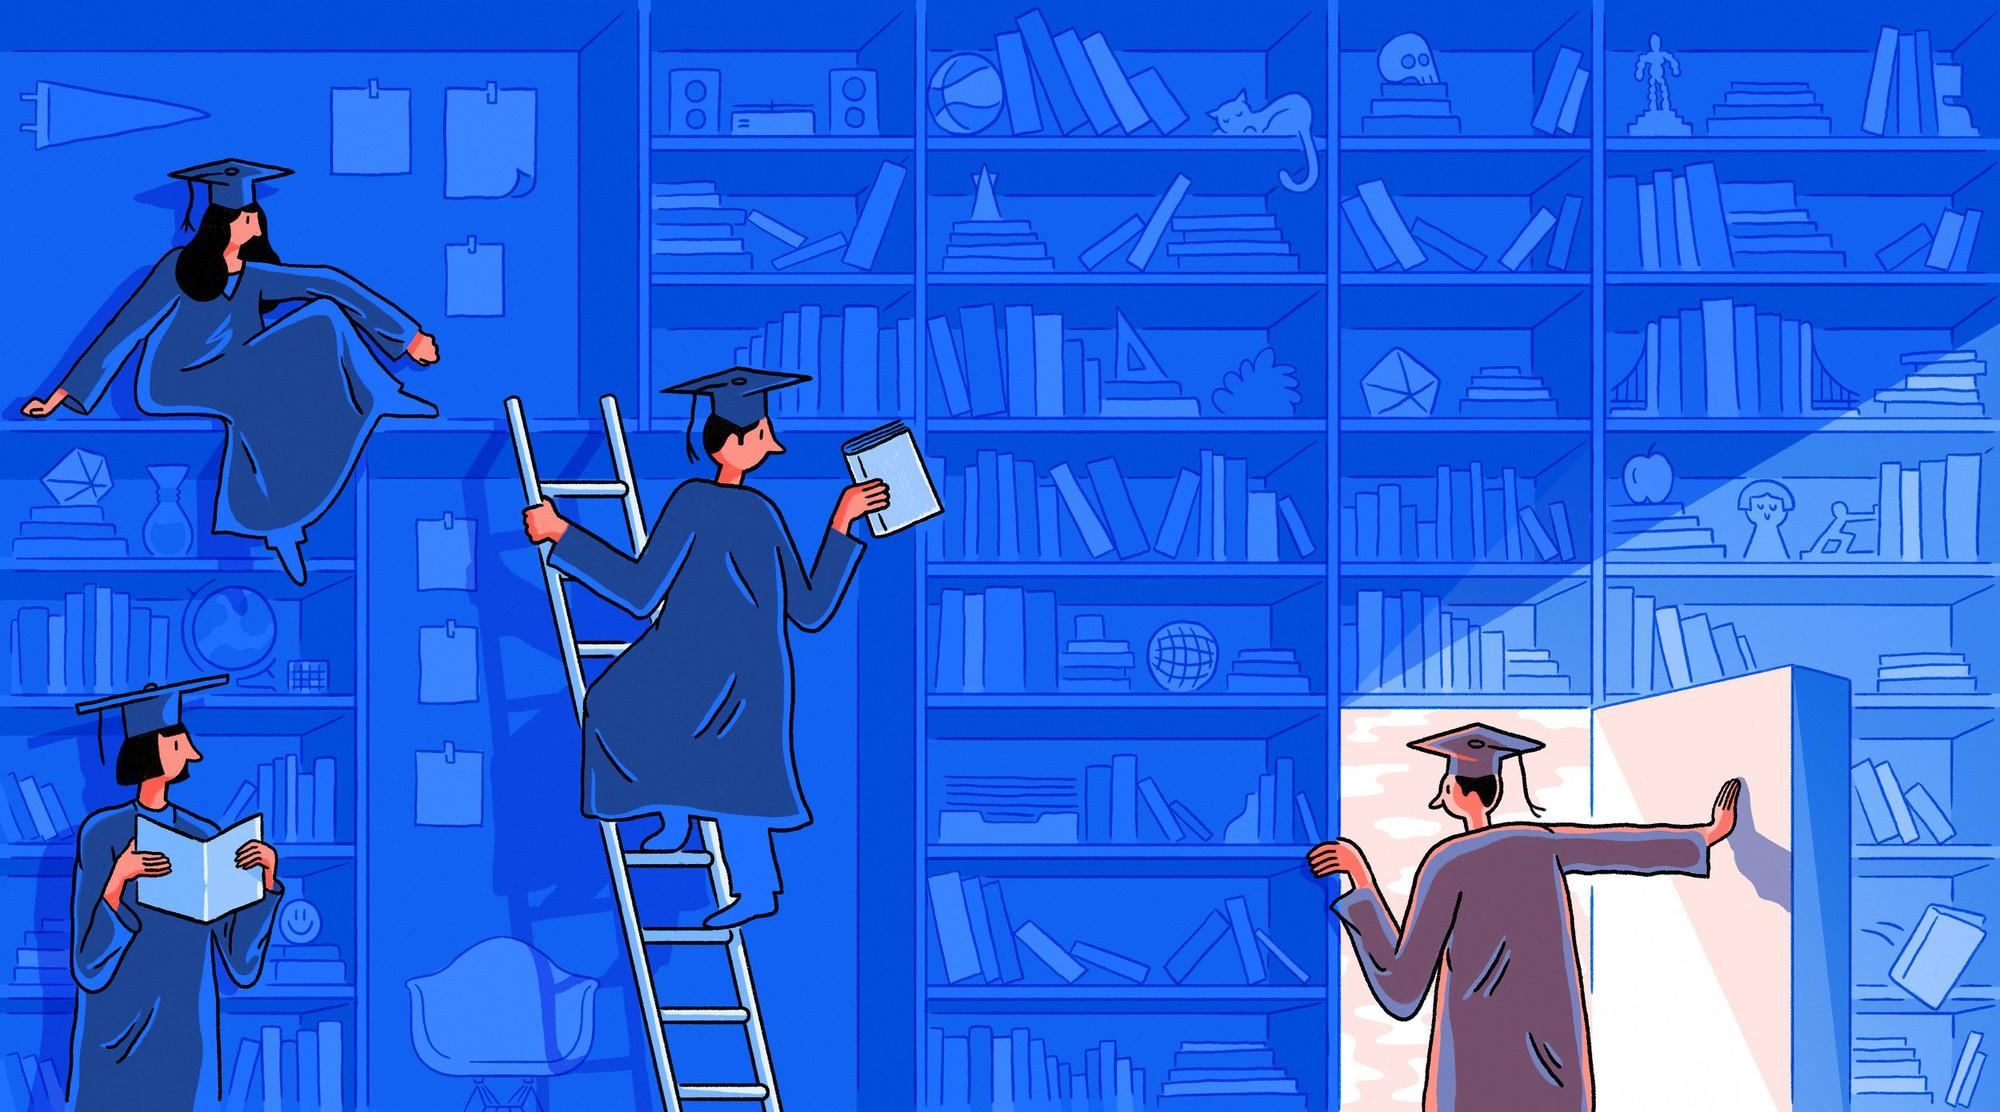 Thanh xuân chưa một lần nỗ lực: Cùng đỗ đại học như nhau, tại sao sau 4 năm lại có chênh lệch khổng lồ giữa người với người - Ảnh 1.